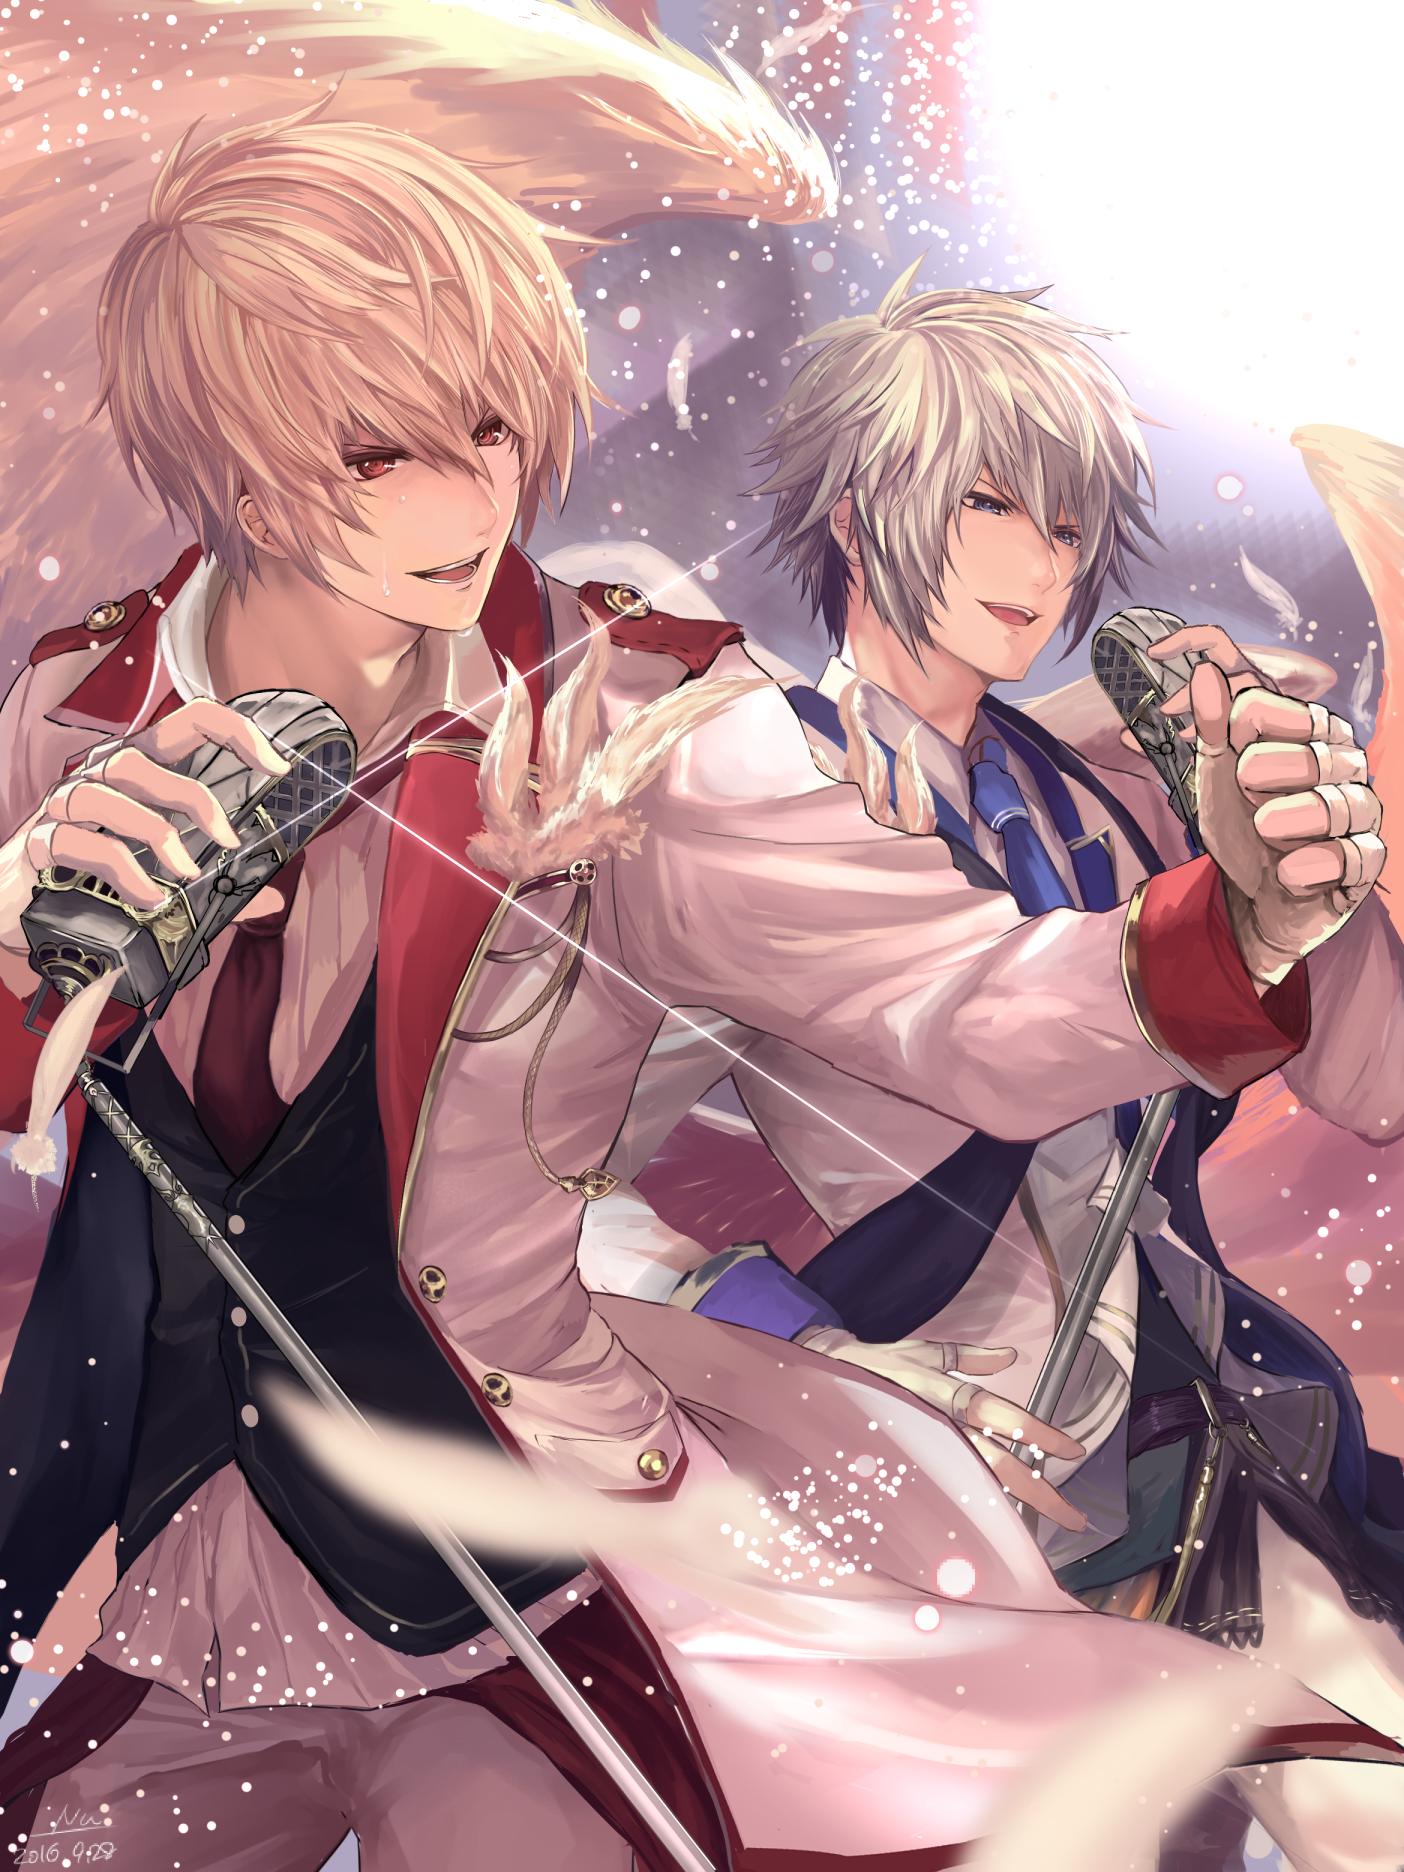 Картинки по запросу lucio and sandalphon | boys anime | pinterest